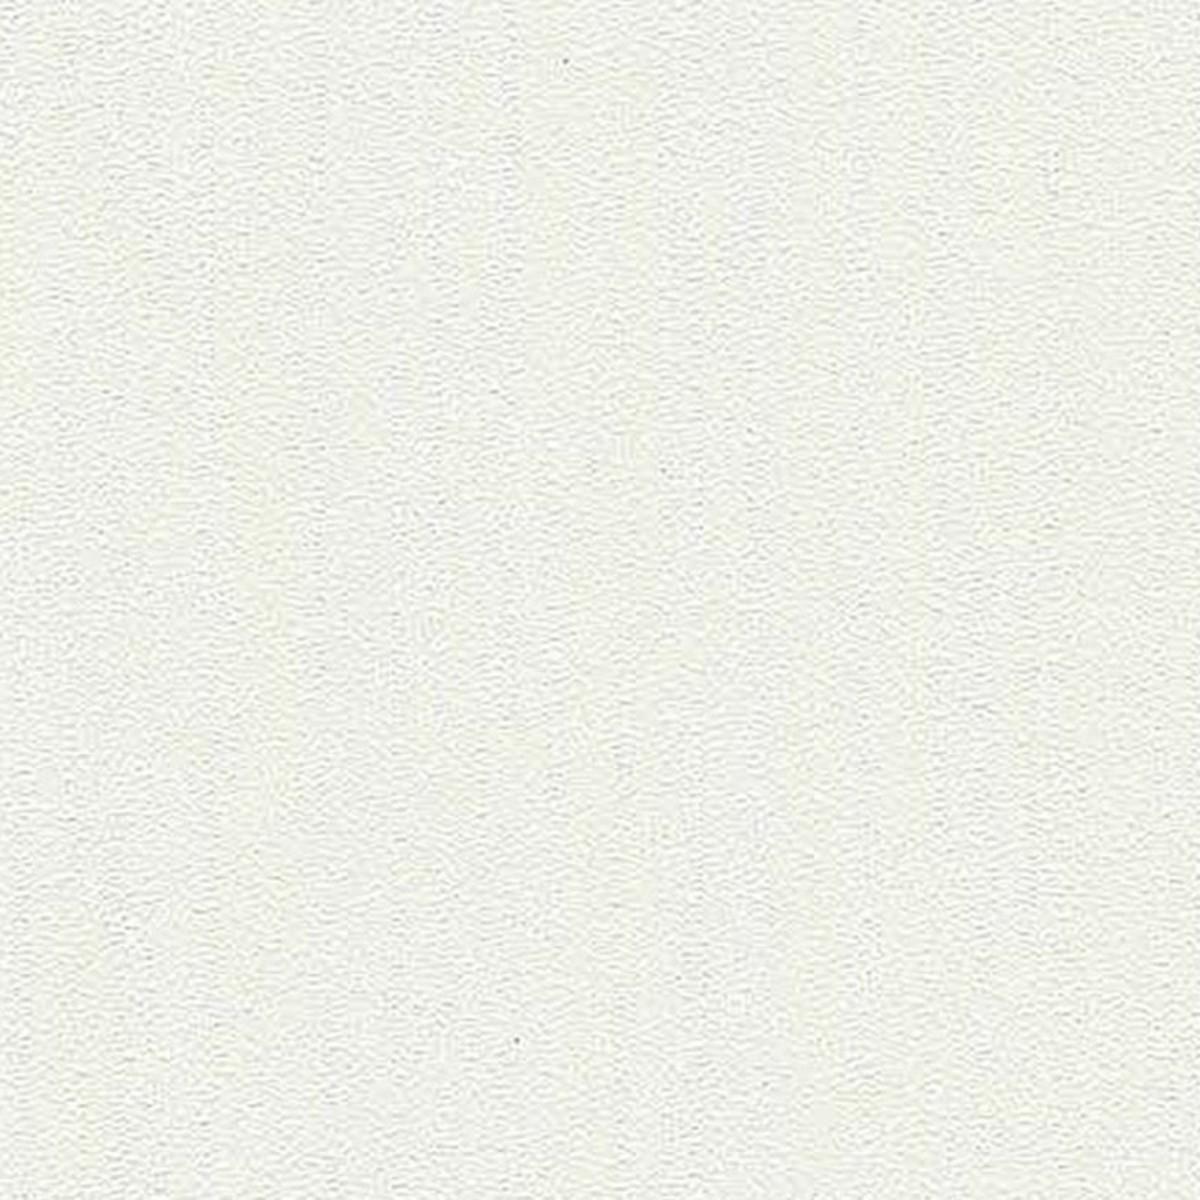 Обои виниловые Gaenari белые 1.06 м 88250-1